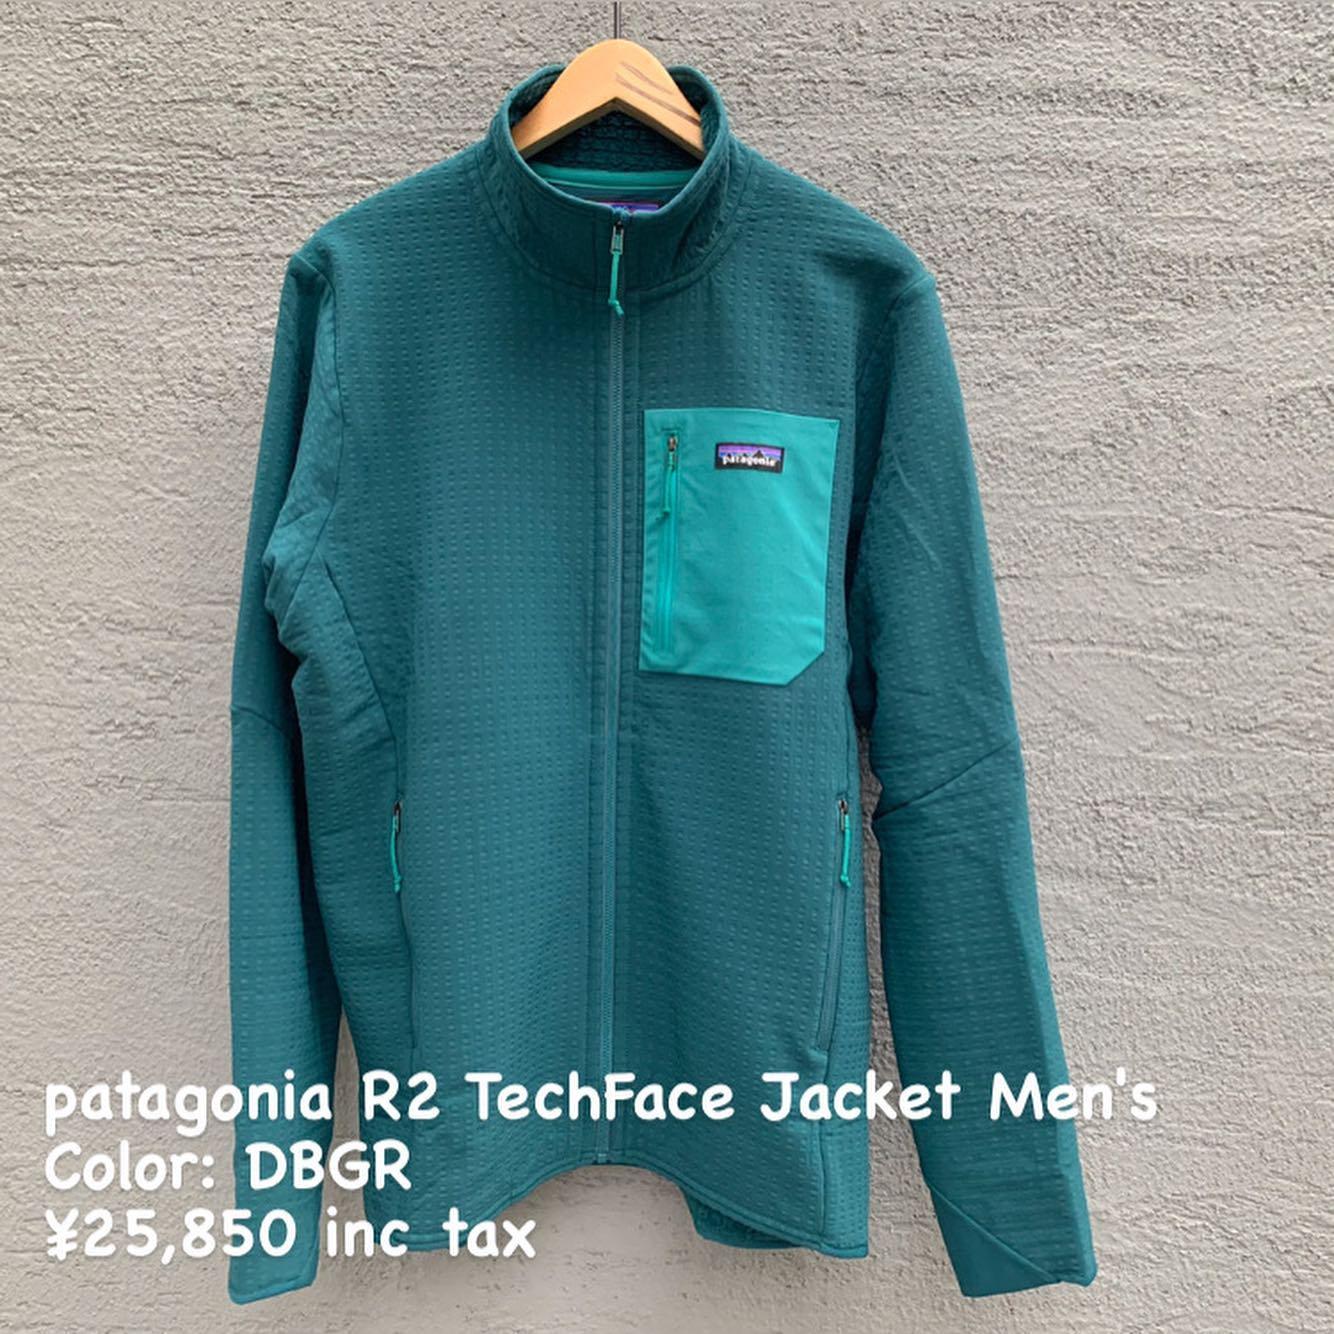 21FWの製品『patagonia R2テックフェイス ジャケット メンズ』のご紹介